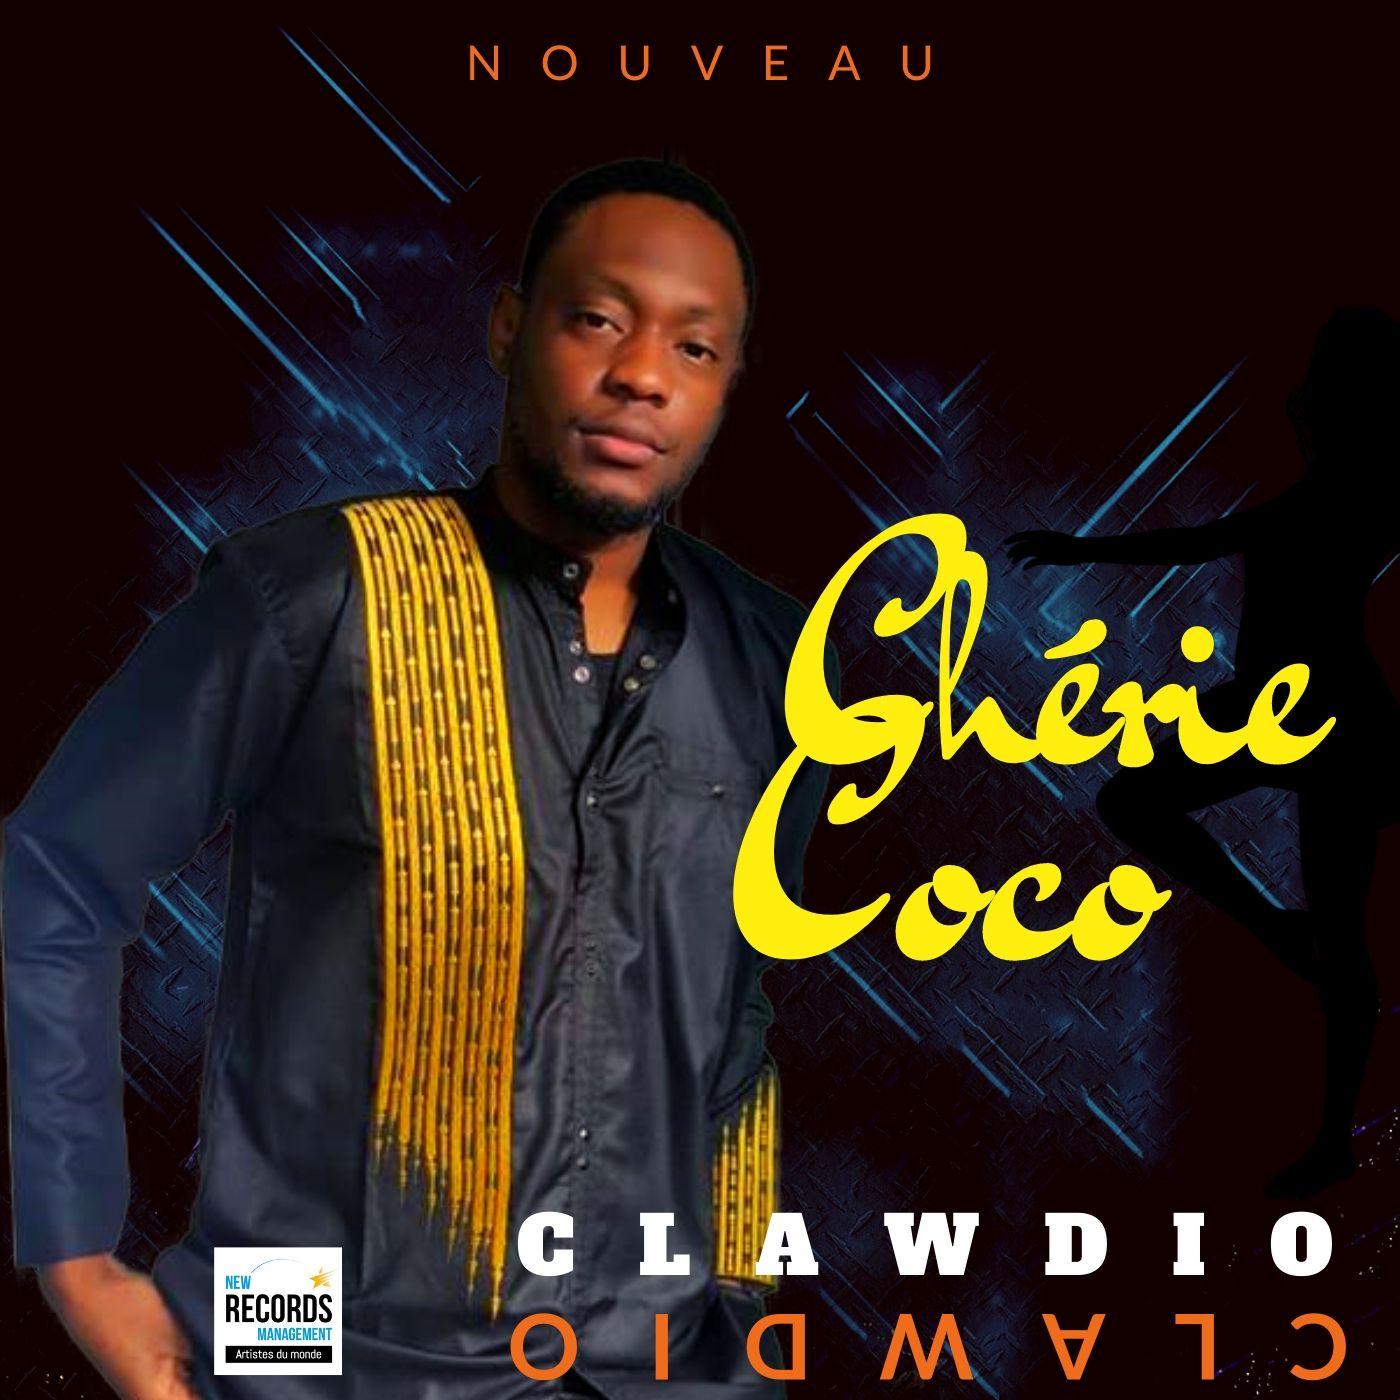 """Découvrez Ia pochette du single """"CHERIE COCO"""""""